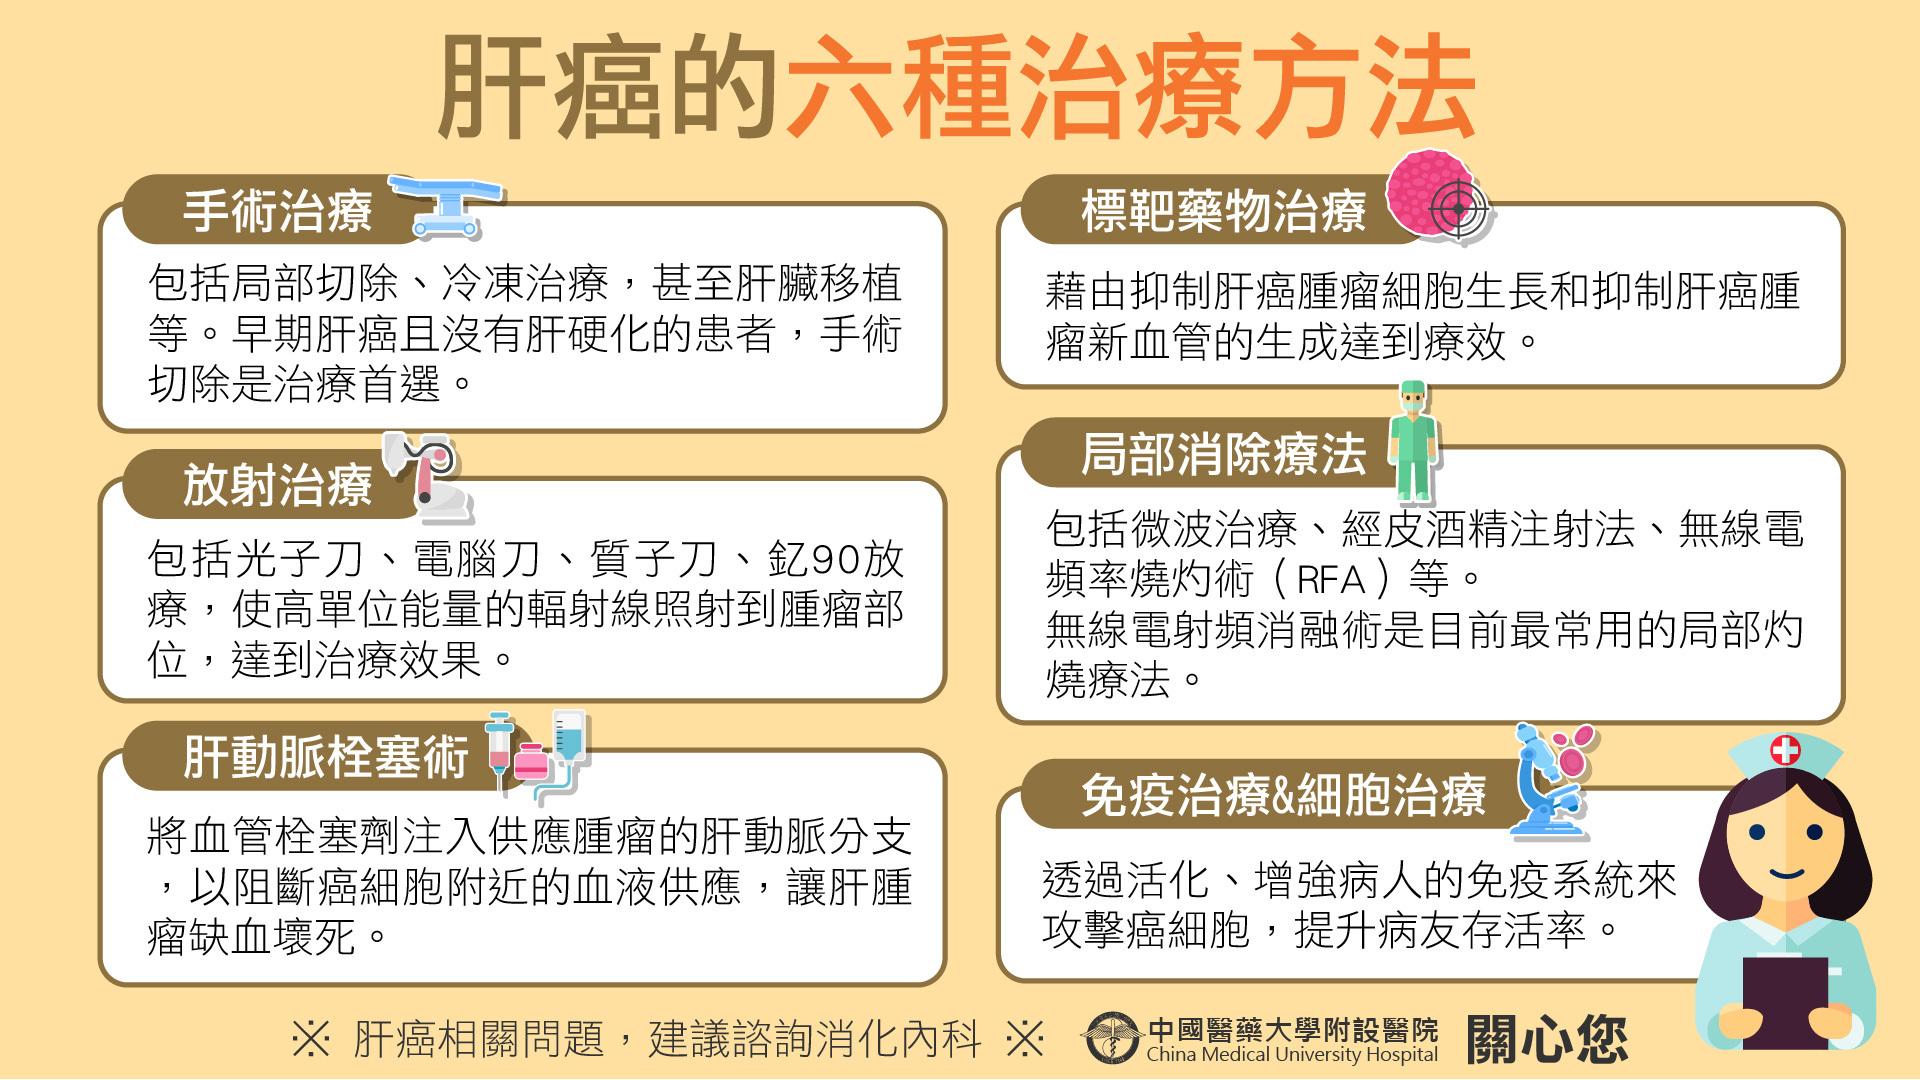 肝癌的六種治療方法-肝癌懶人包6